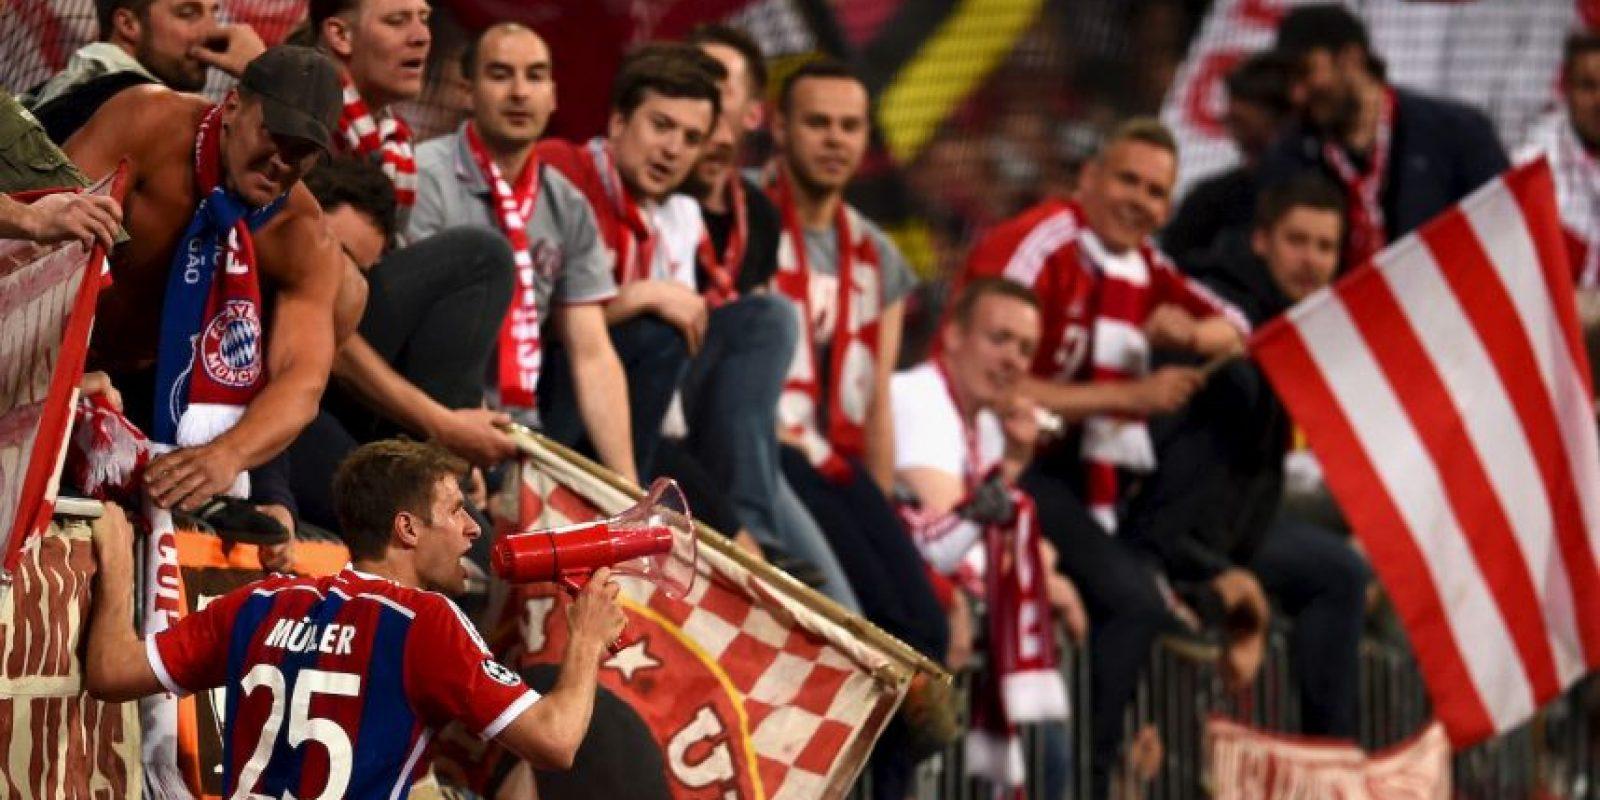 Más de 70 mil espectadores se dieron cita en el Allianz Arena para apoyar a su equipo rumbo a otra Champions League. Foto:Getty Images